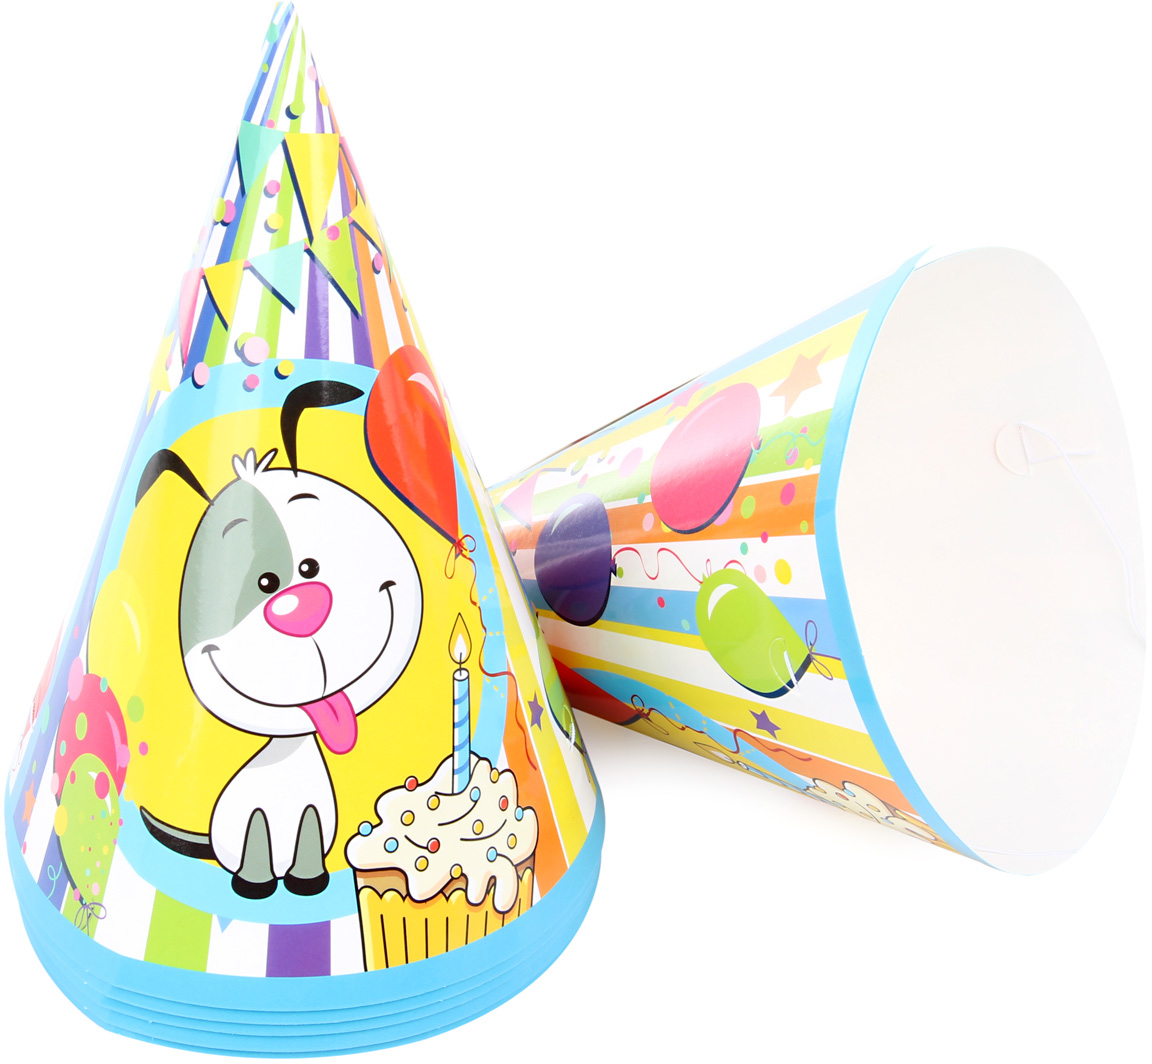 Веселый хоровод Набор колпаков Счастливый Шарик 20 см 6 шт KL63410 веселый хоровод набор тарелок счастливый шарик 23 см 6 шт